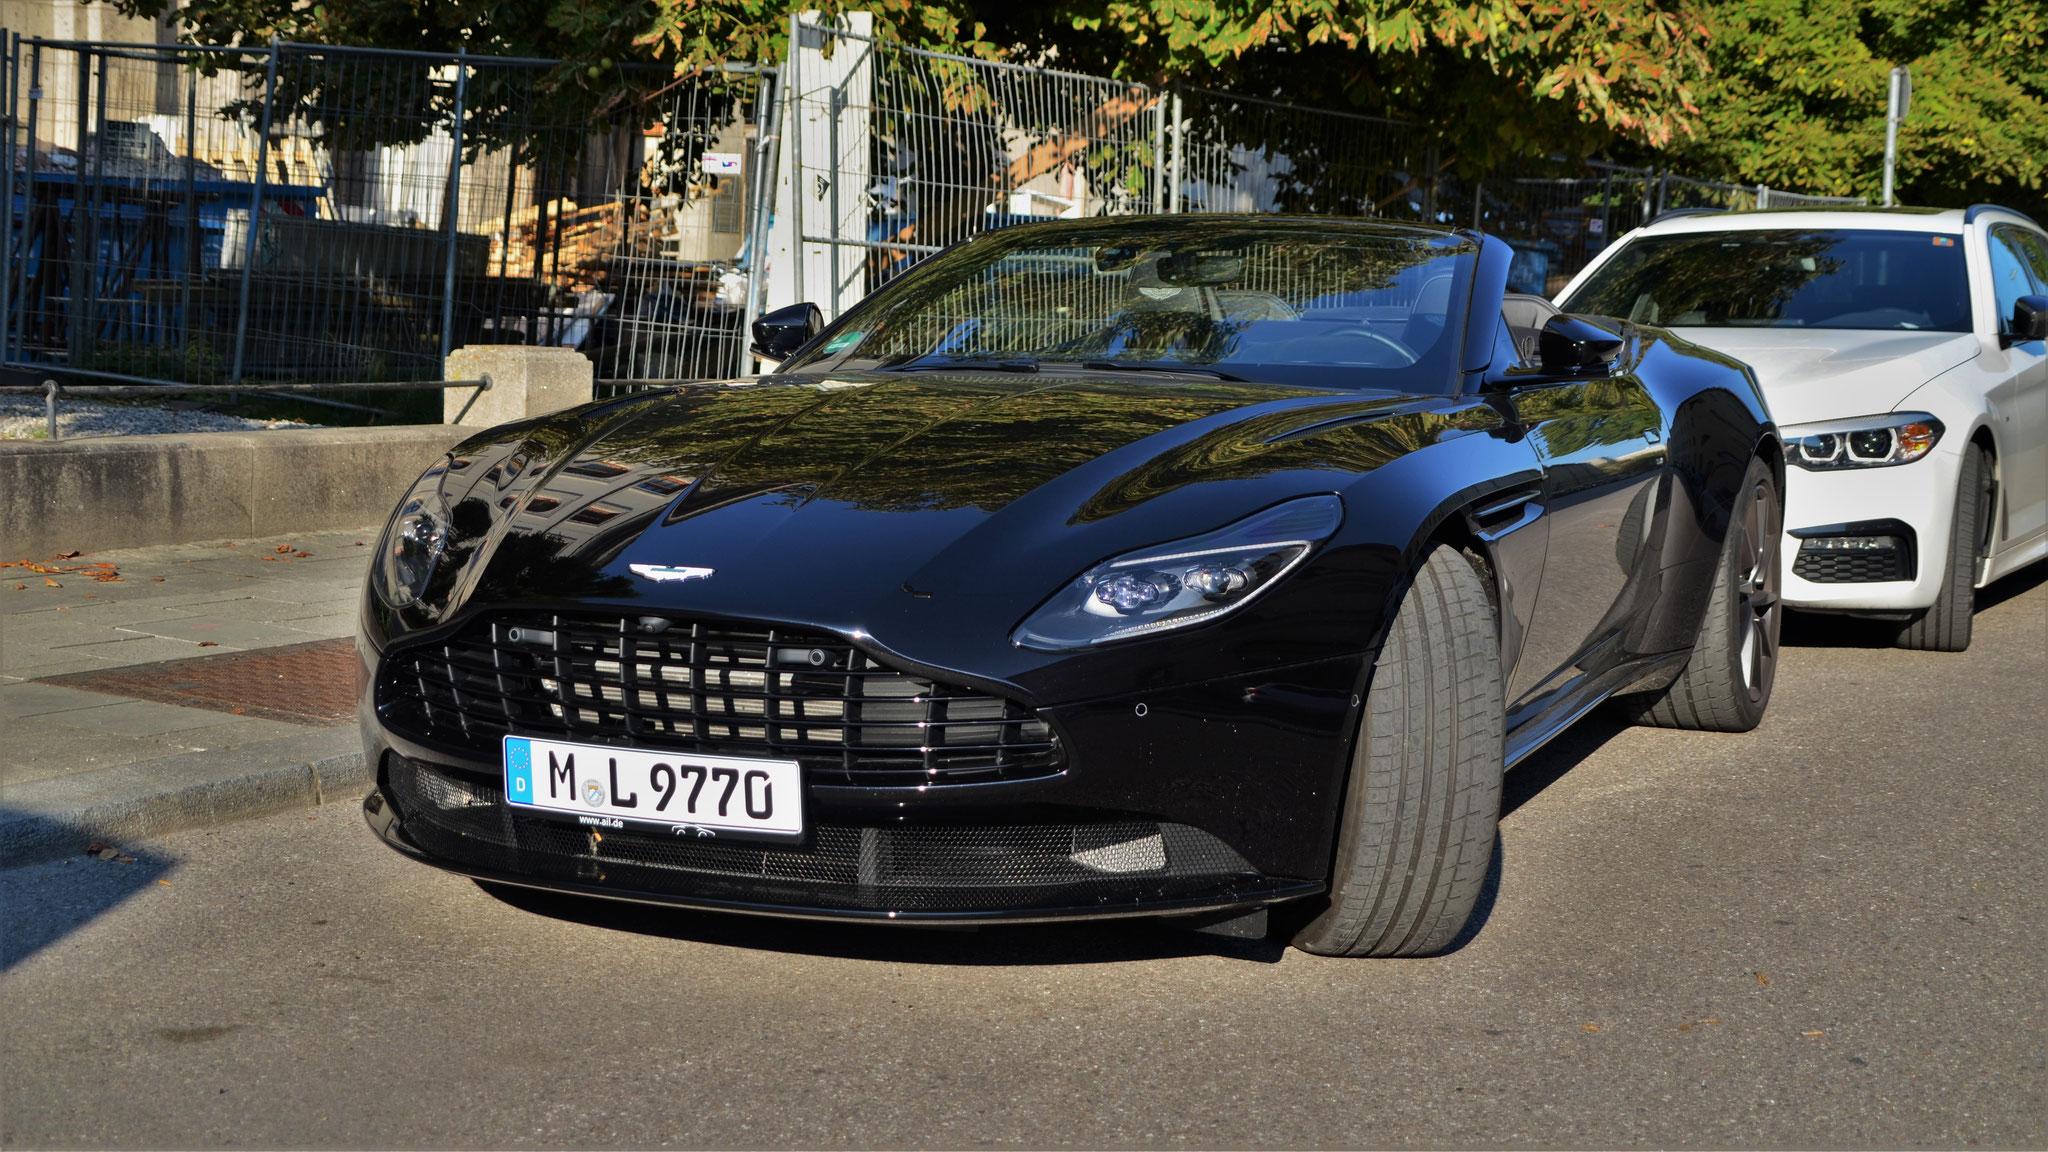 Aston Martin DB11 Volante - M-L-9770